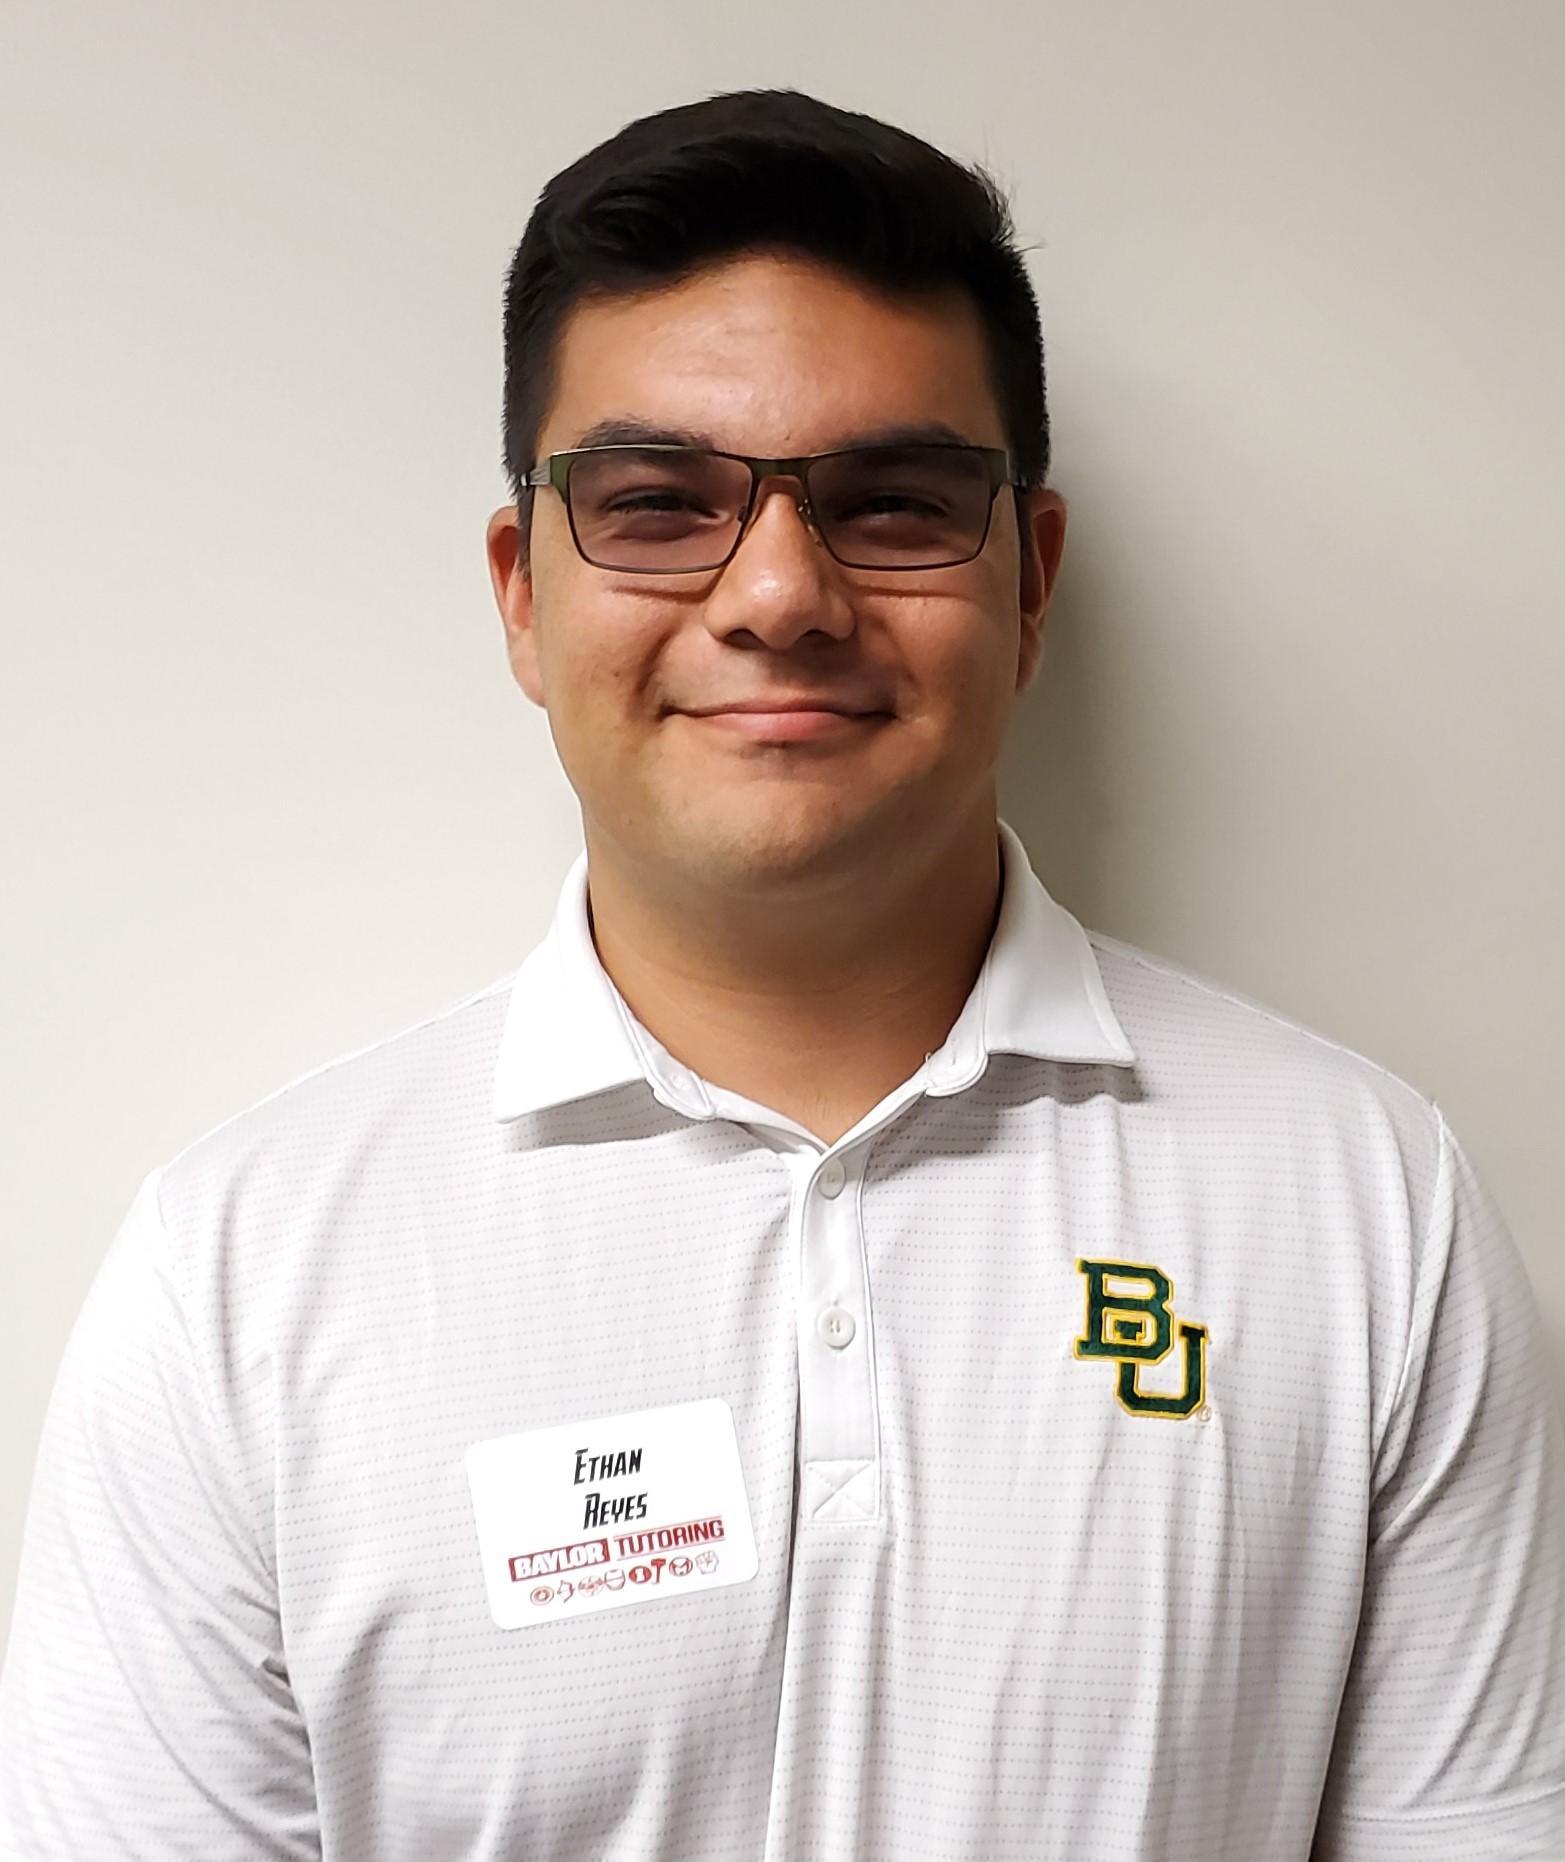 Ethan Reyes